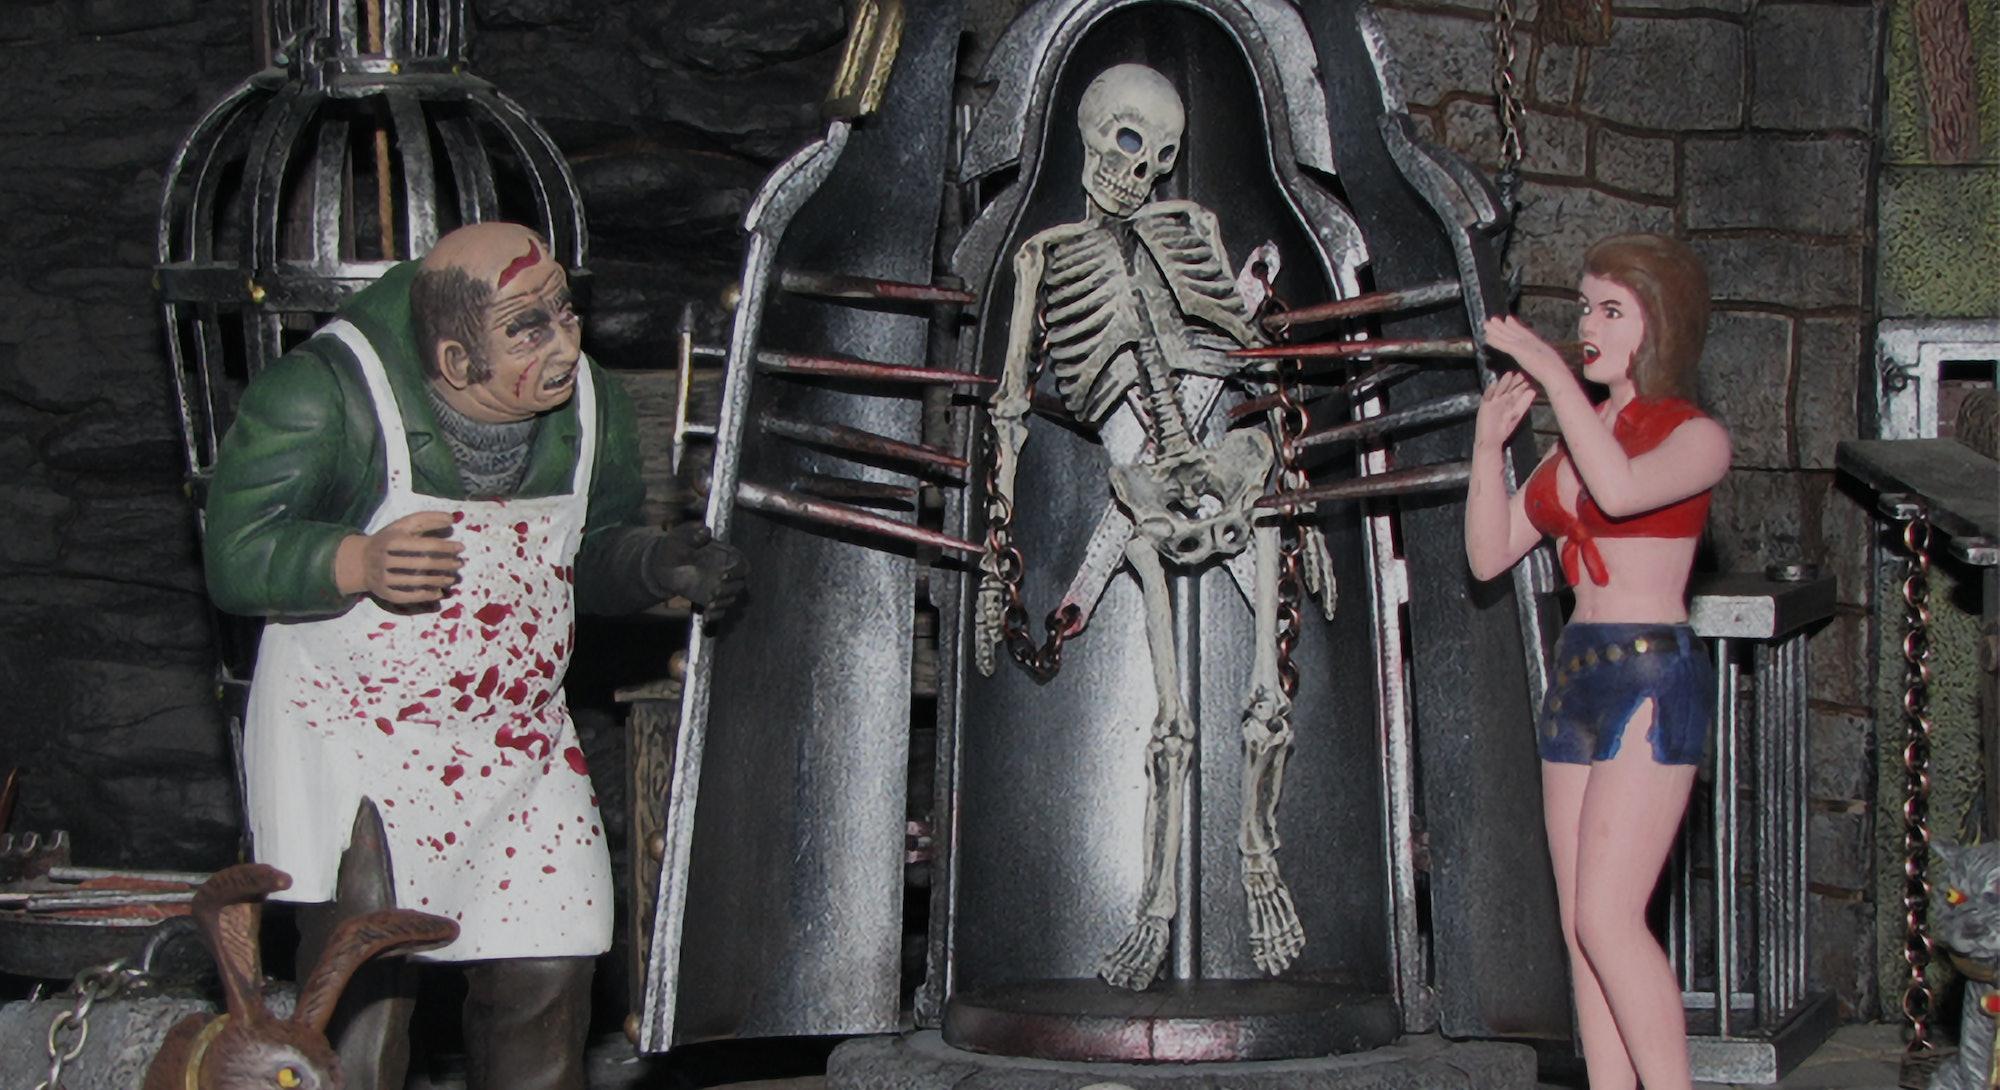 A horrifying Monster Scenes kit tableau